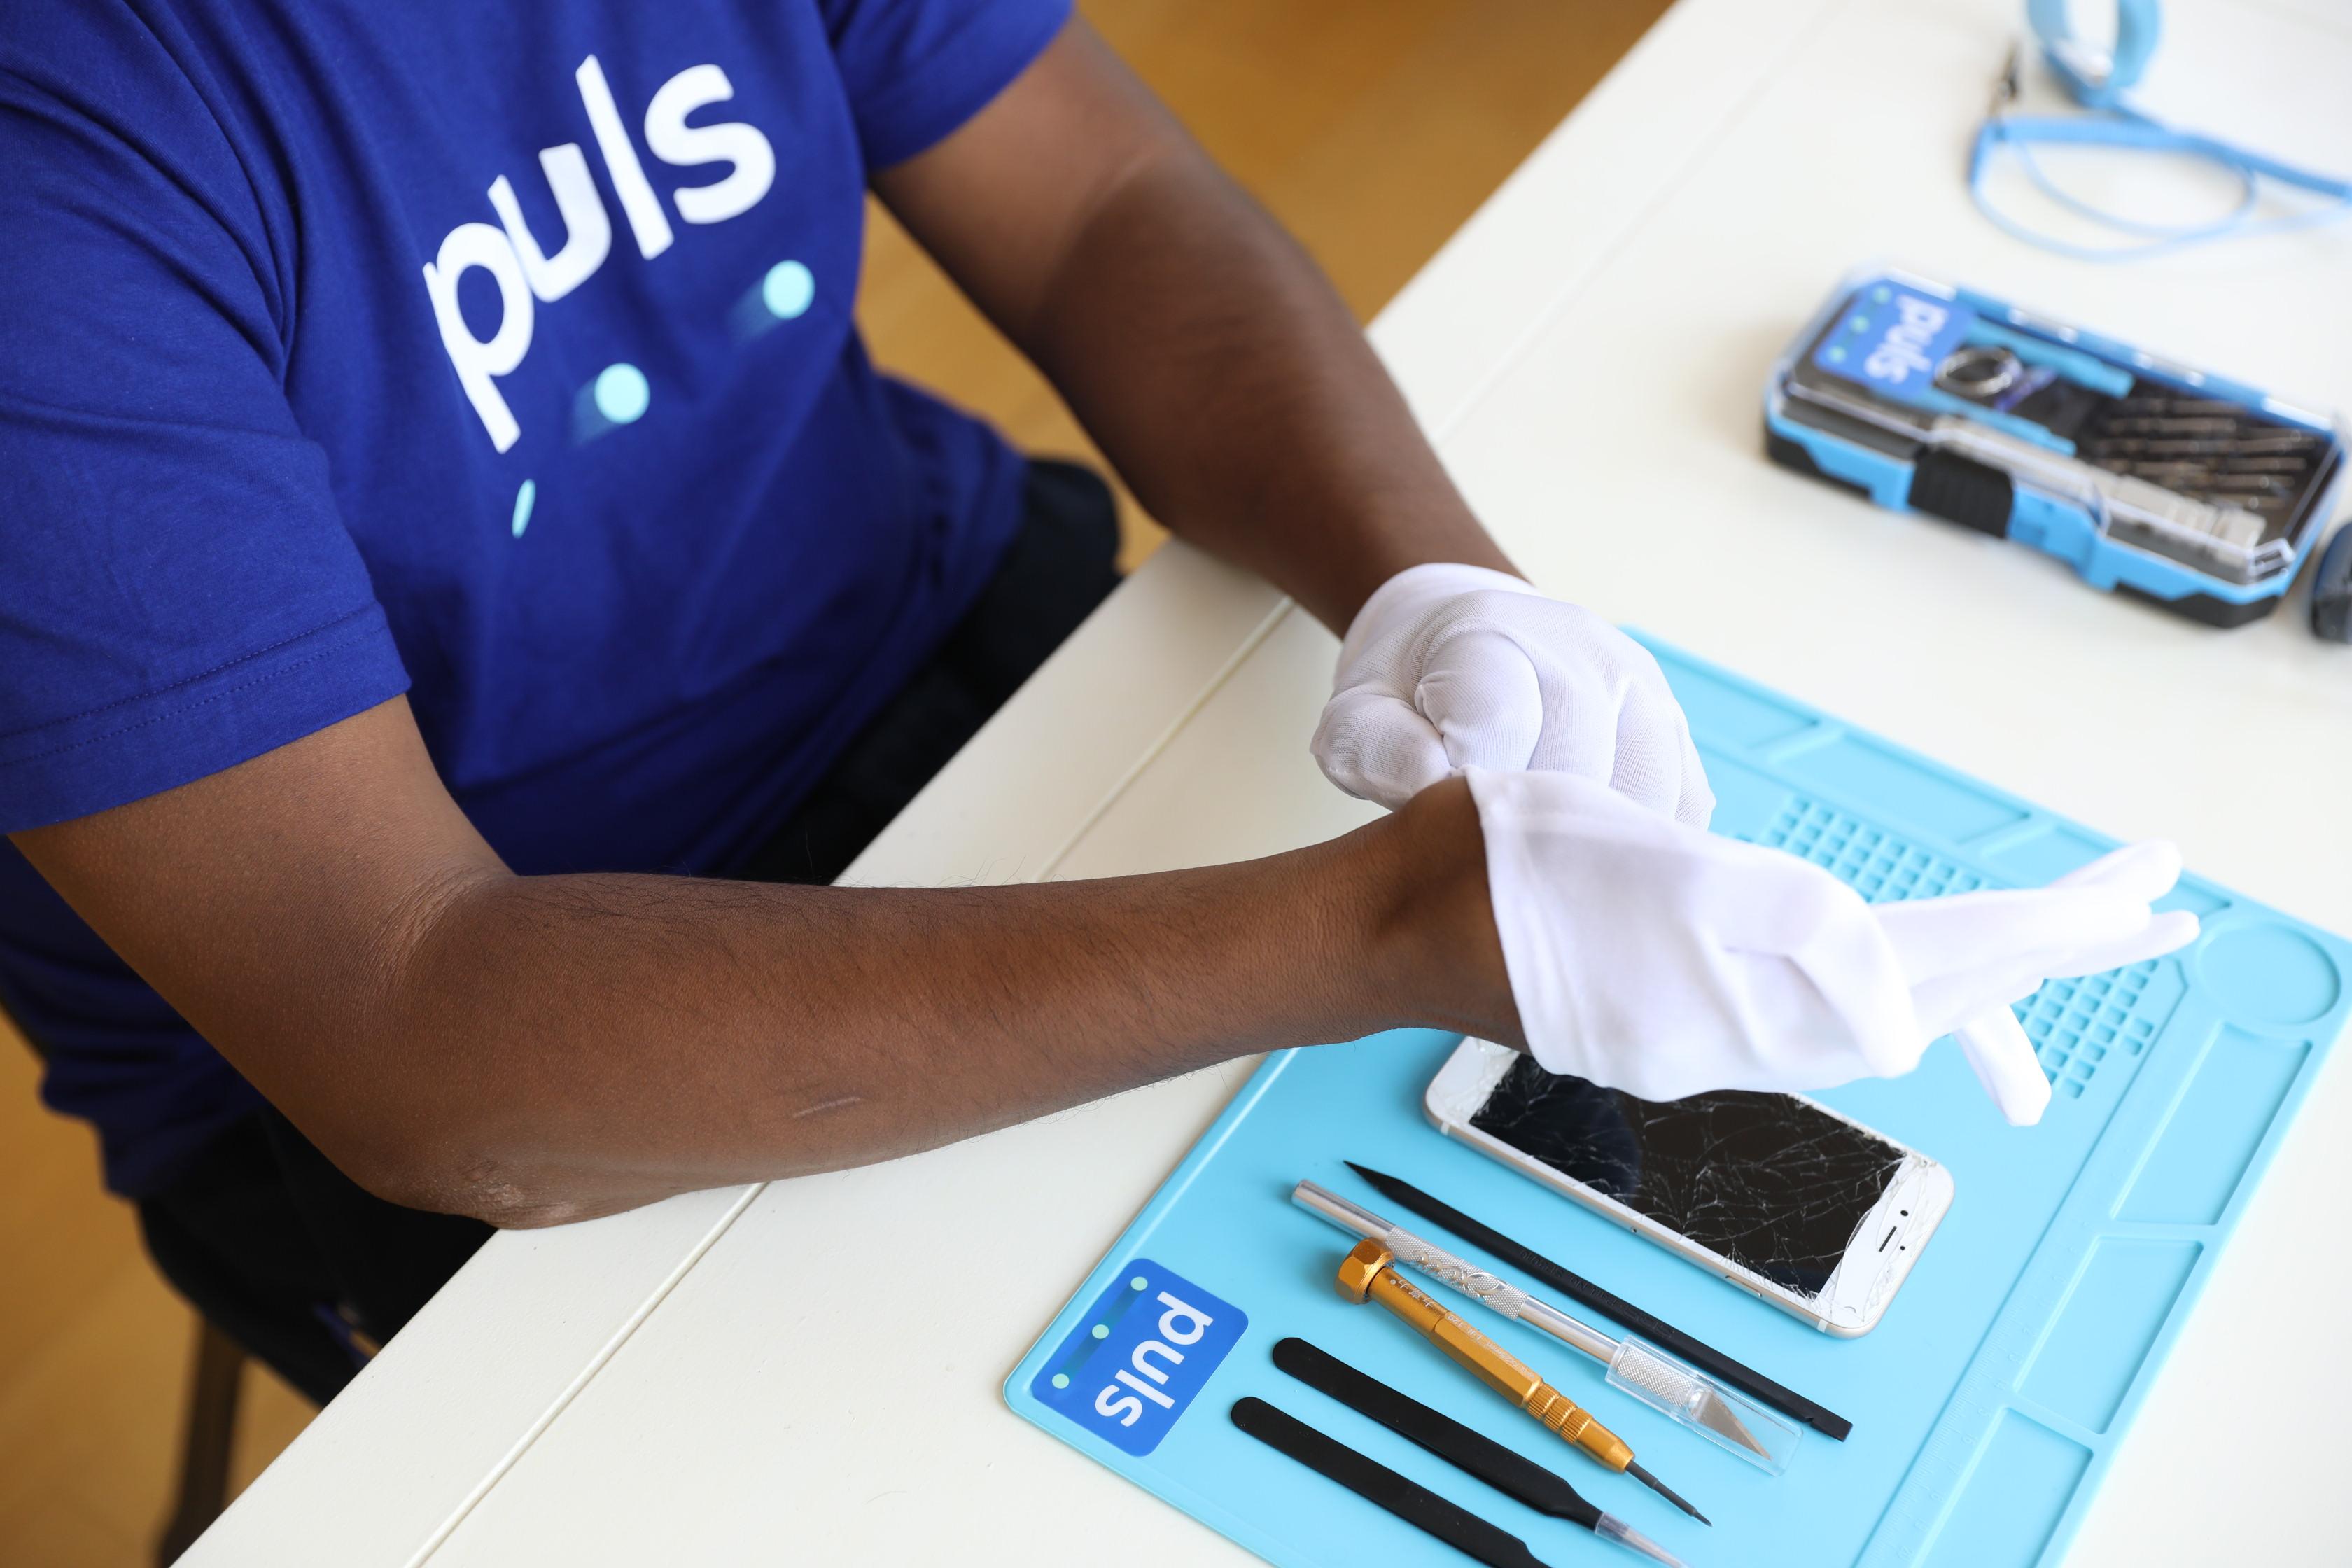 Puls Affiliate Program